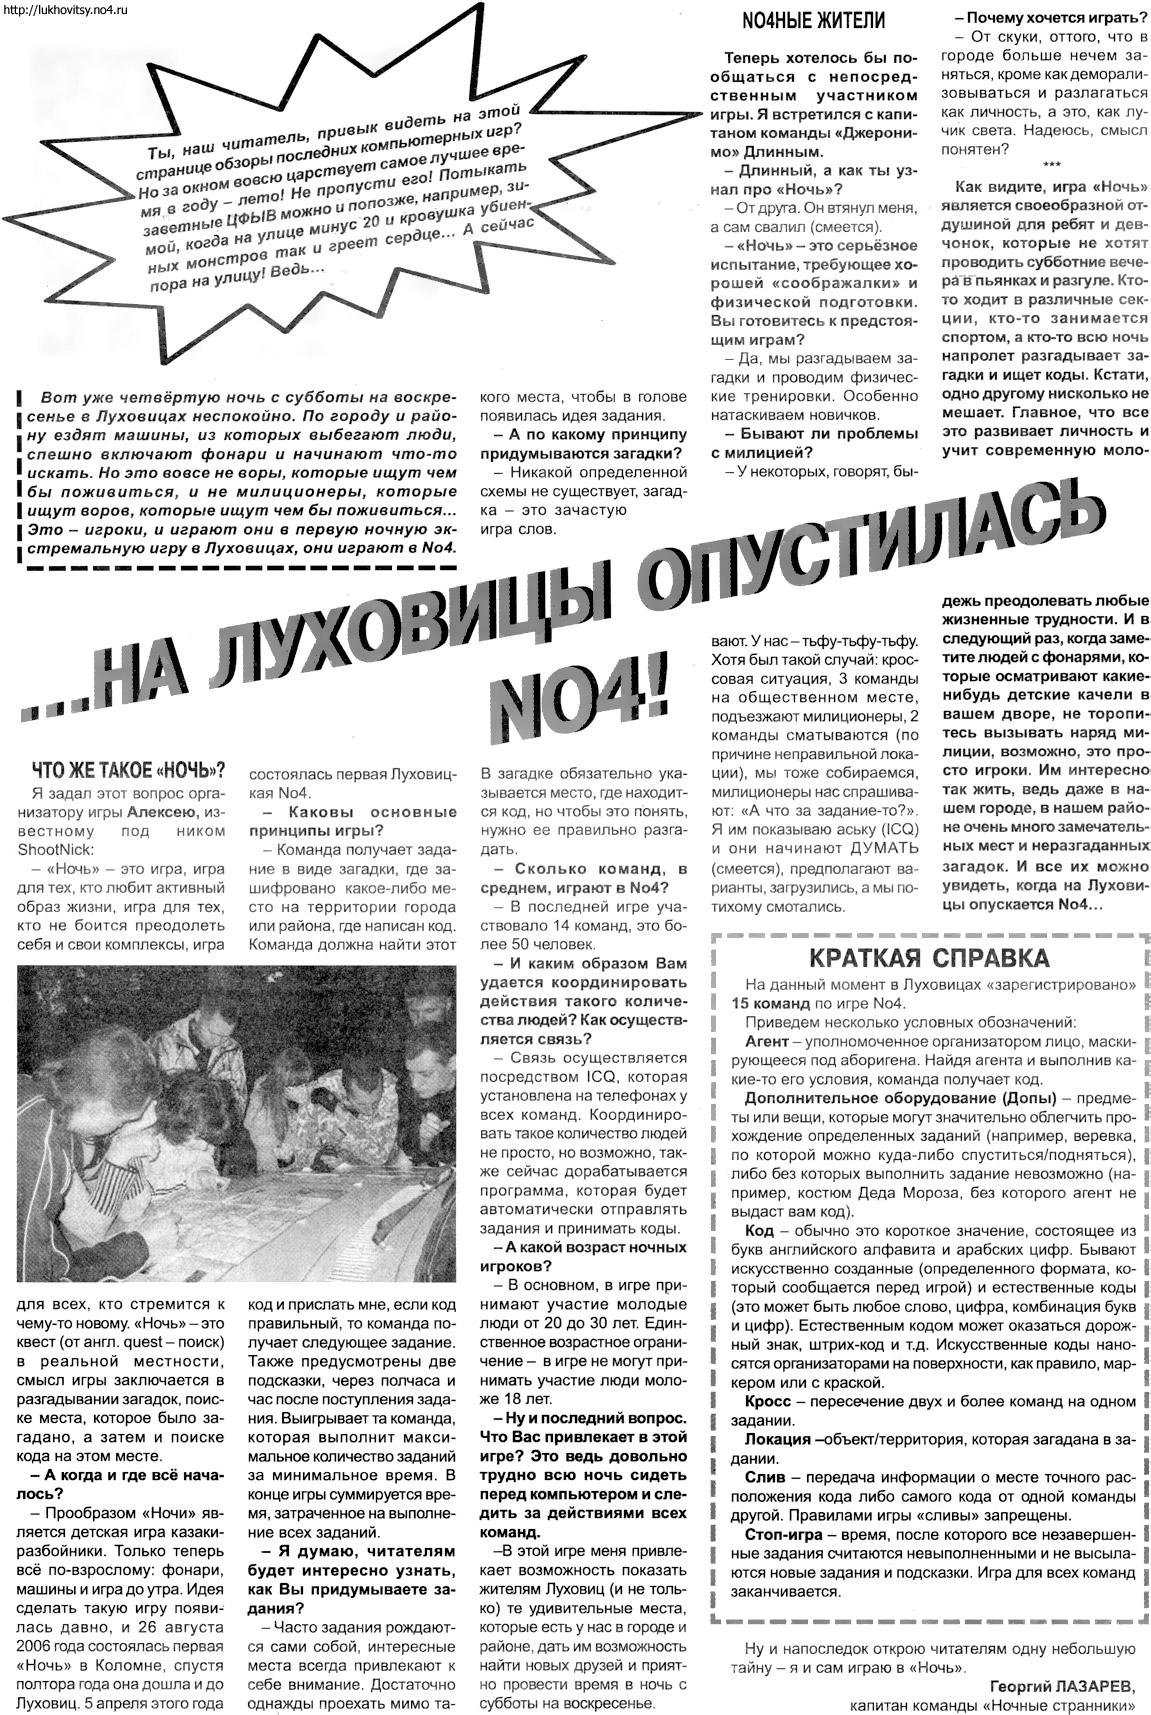 Статья в газете Луховицкие вести №52(12088) от 28 июня 2008 года